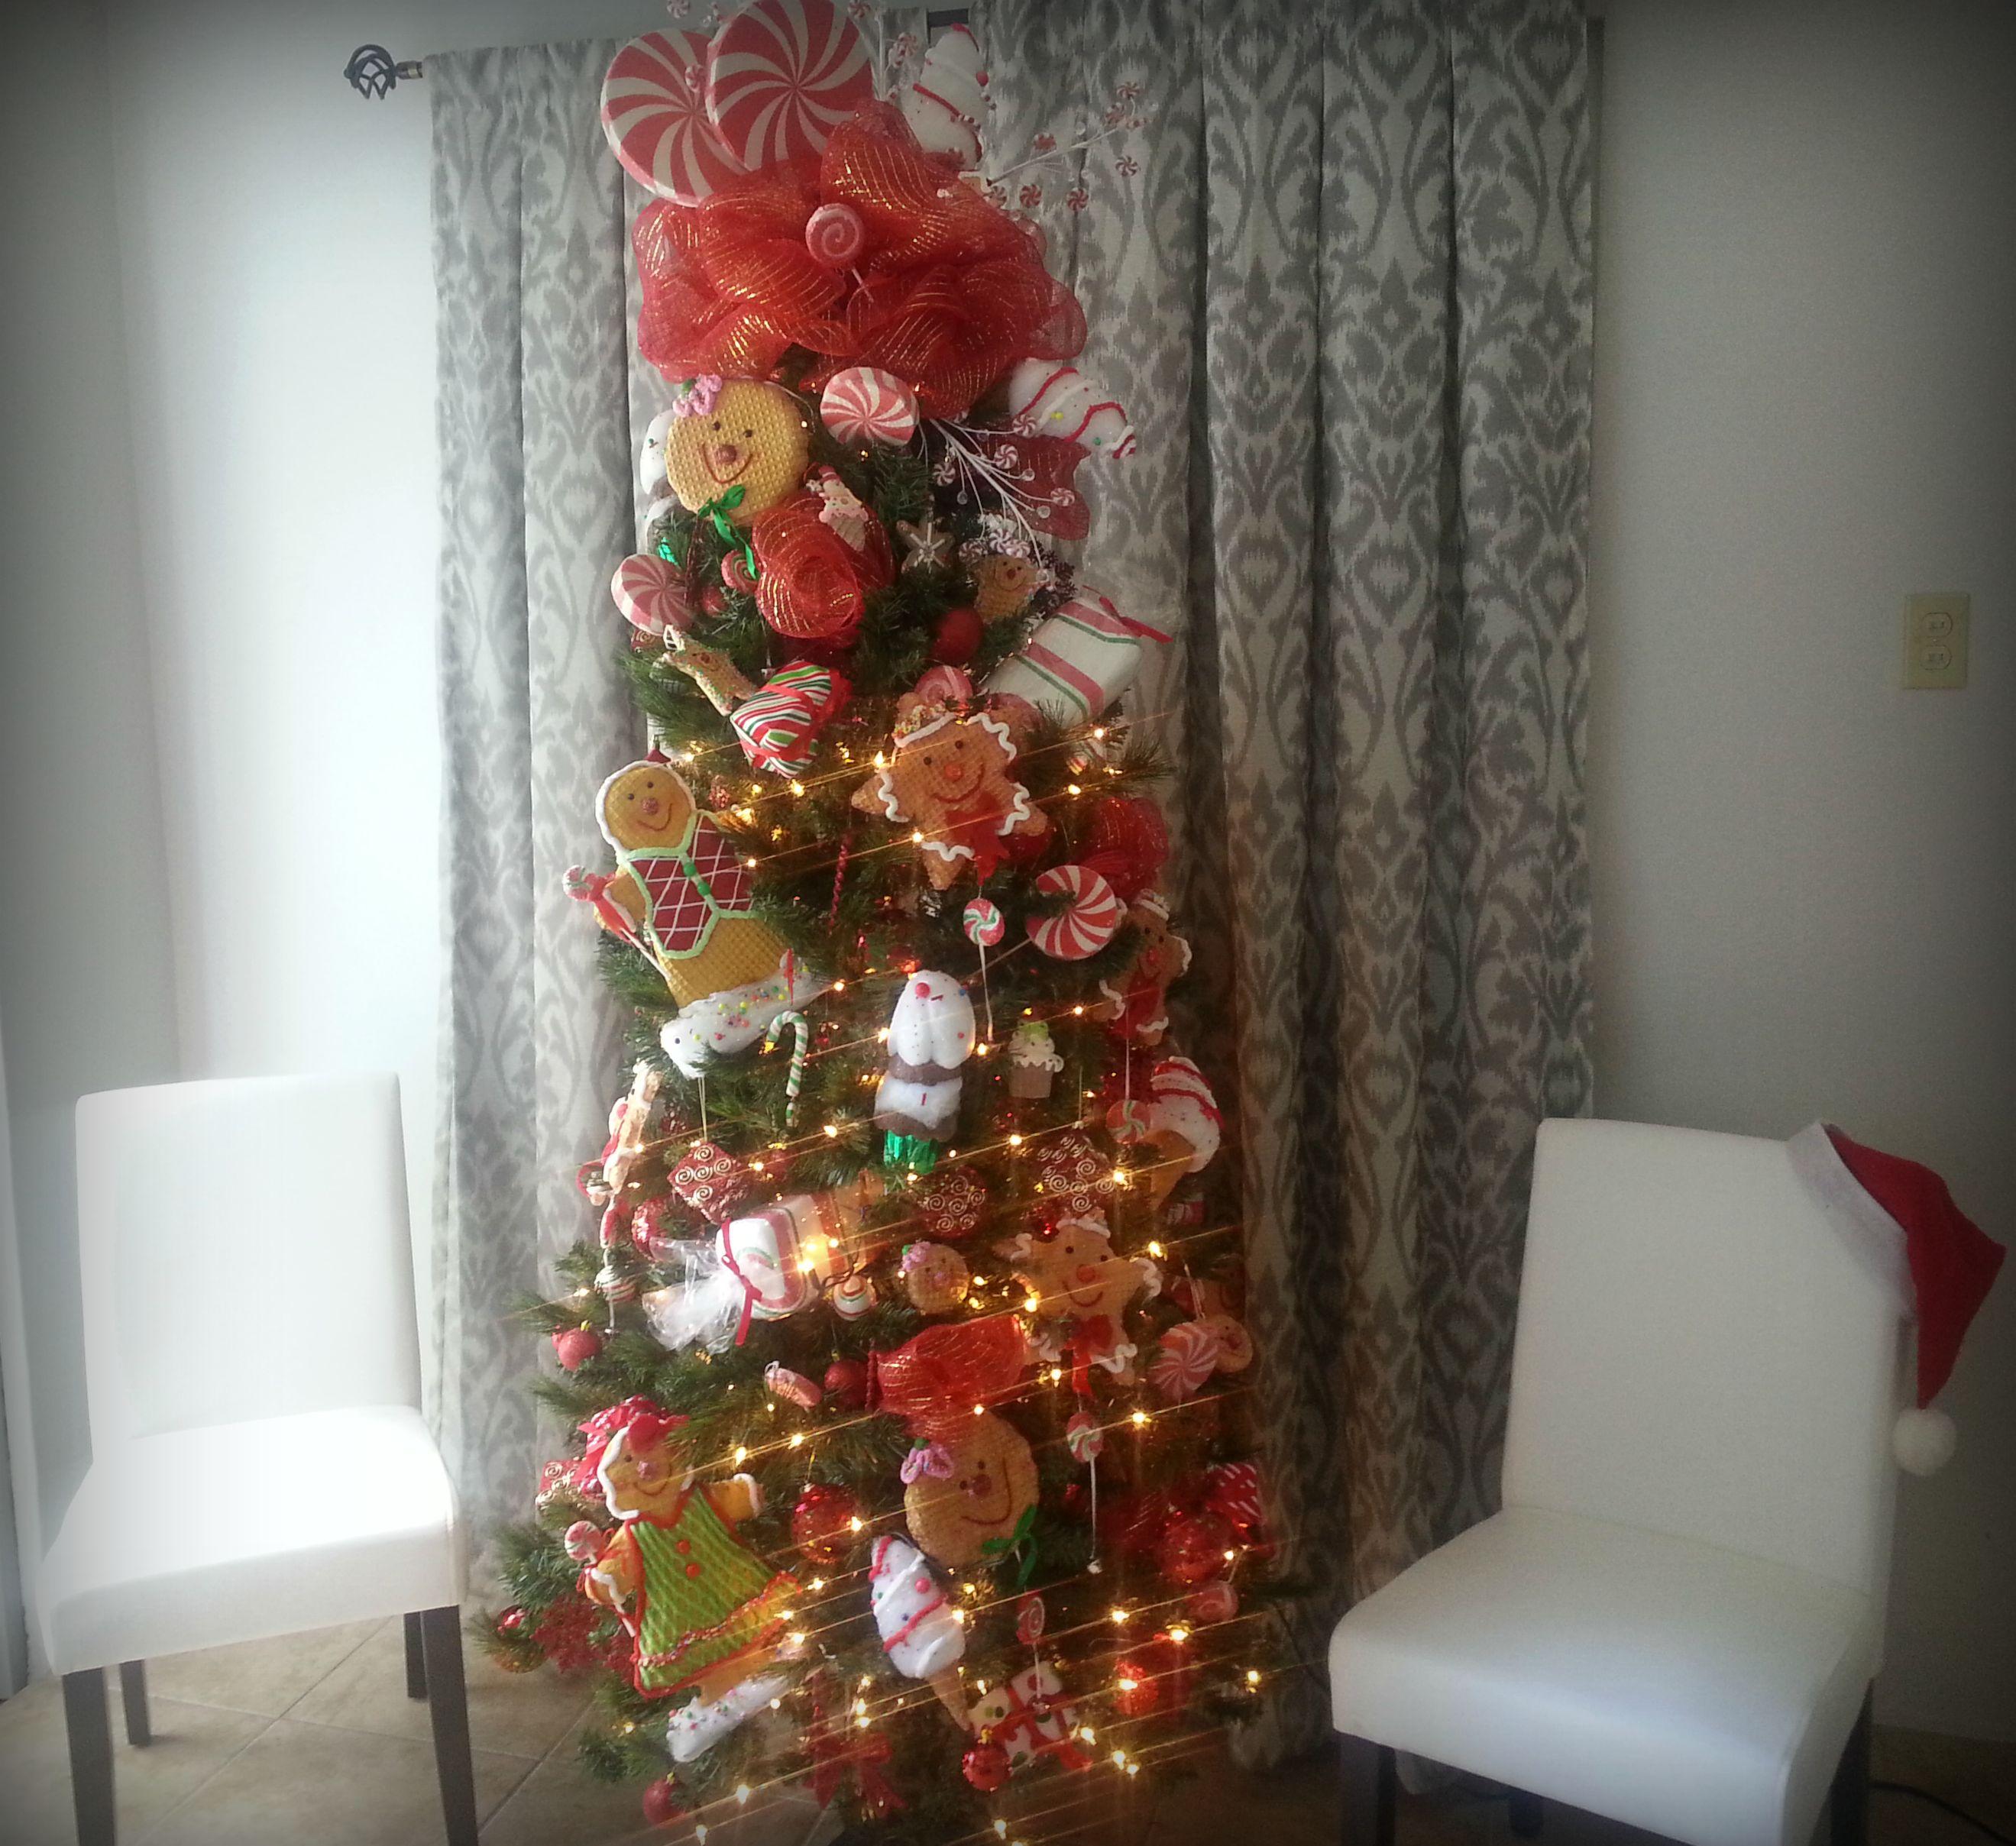 Consejos para decorar el rbol de navidad mi rinc n de artes - Como decorar un arbol de navidad ...